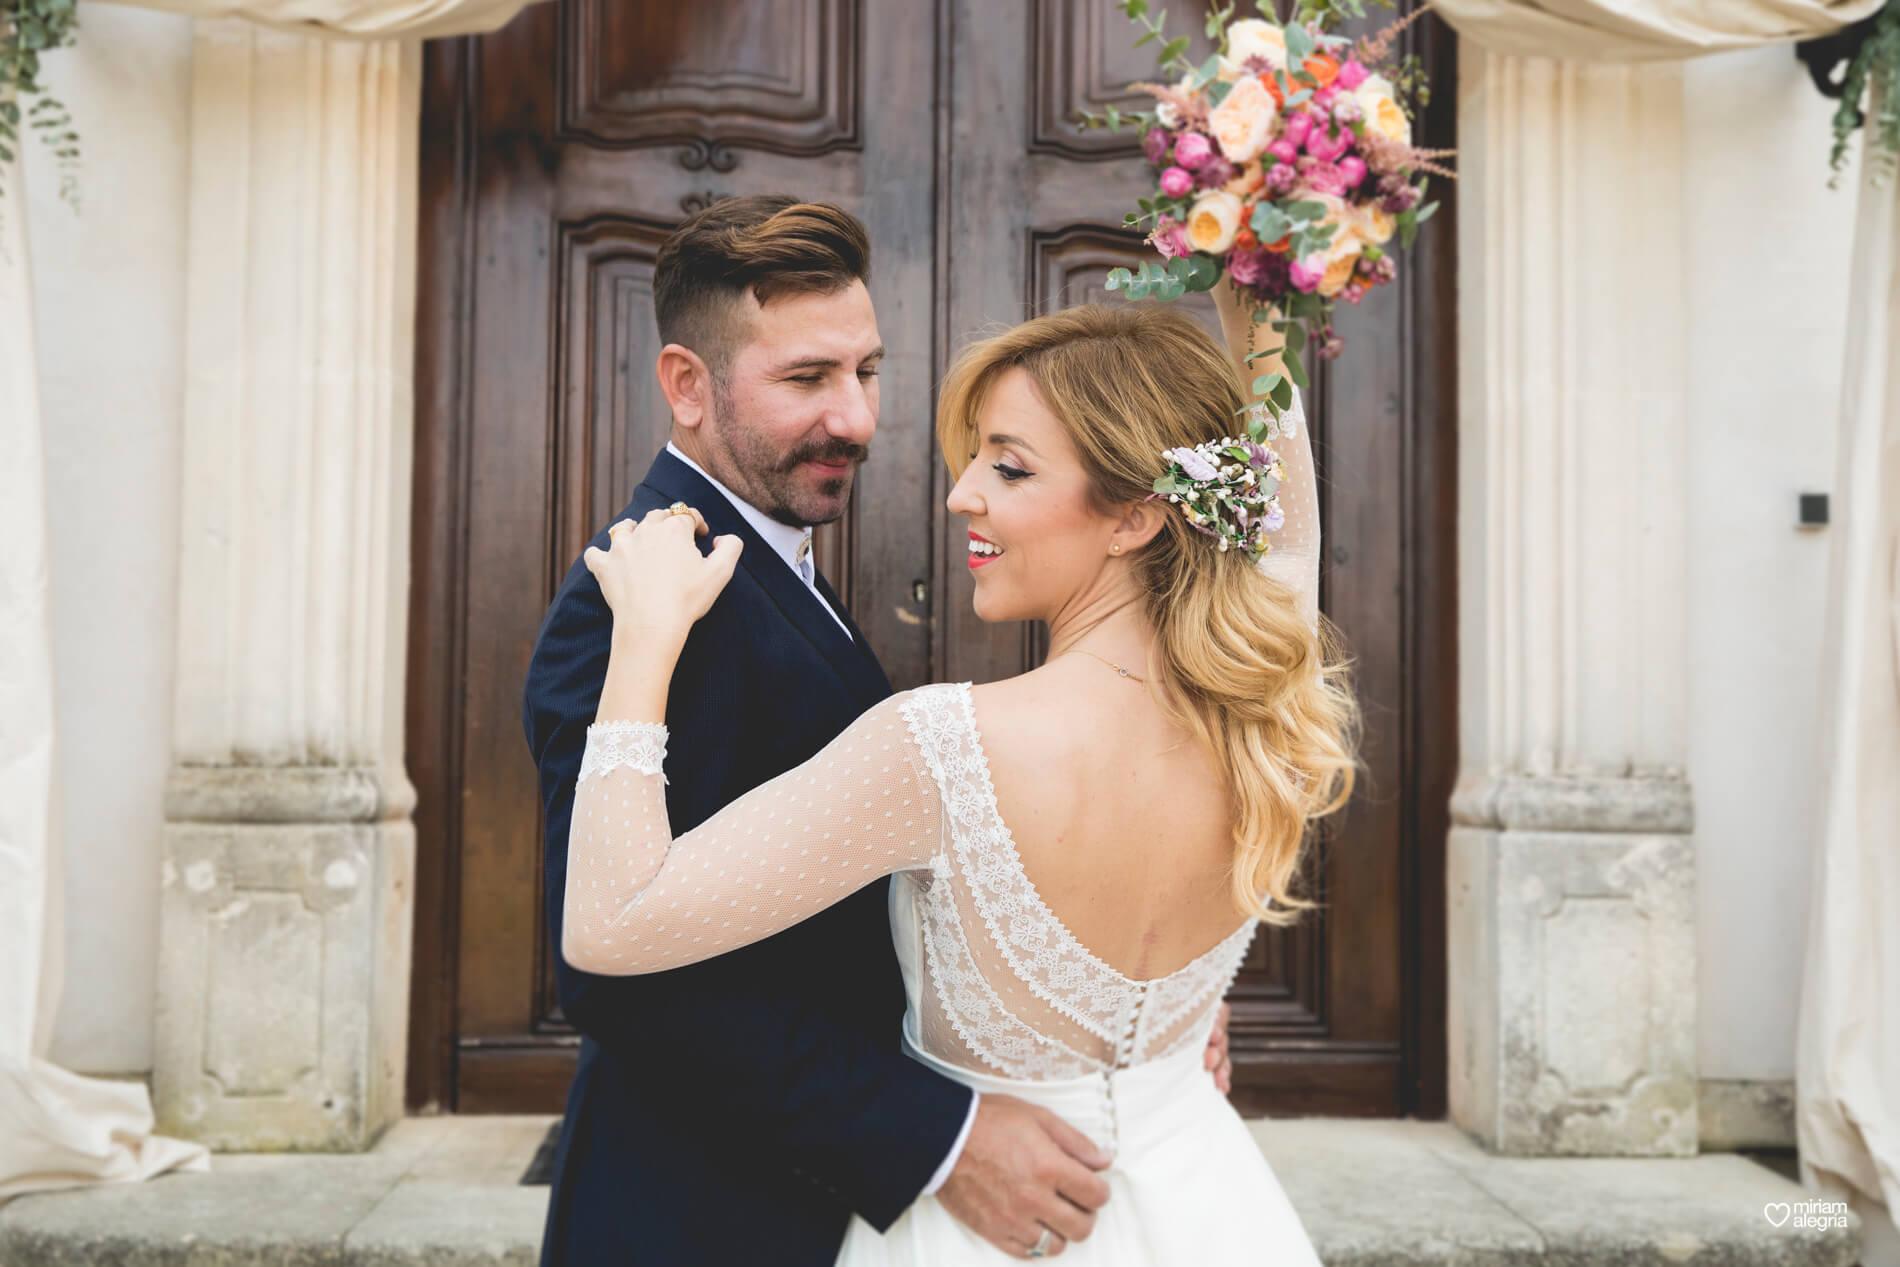 boda-en-finca-villa-vera-de-alemc7-miriam-alegria-fotografos-boda-murcia-109